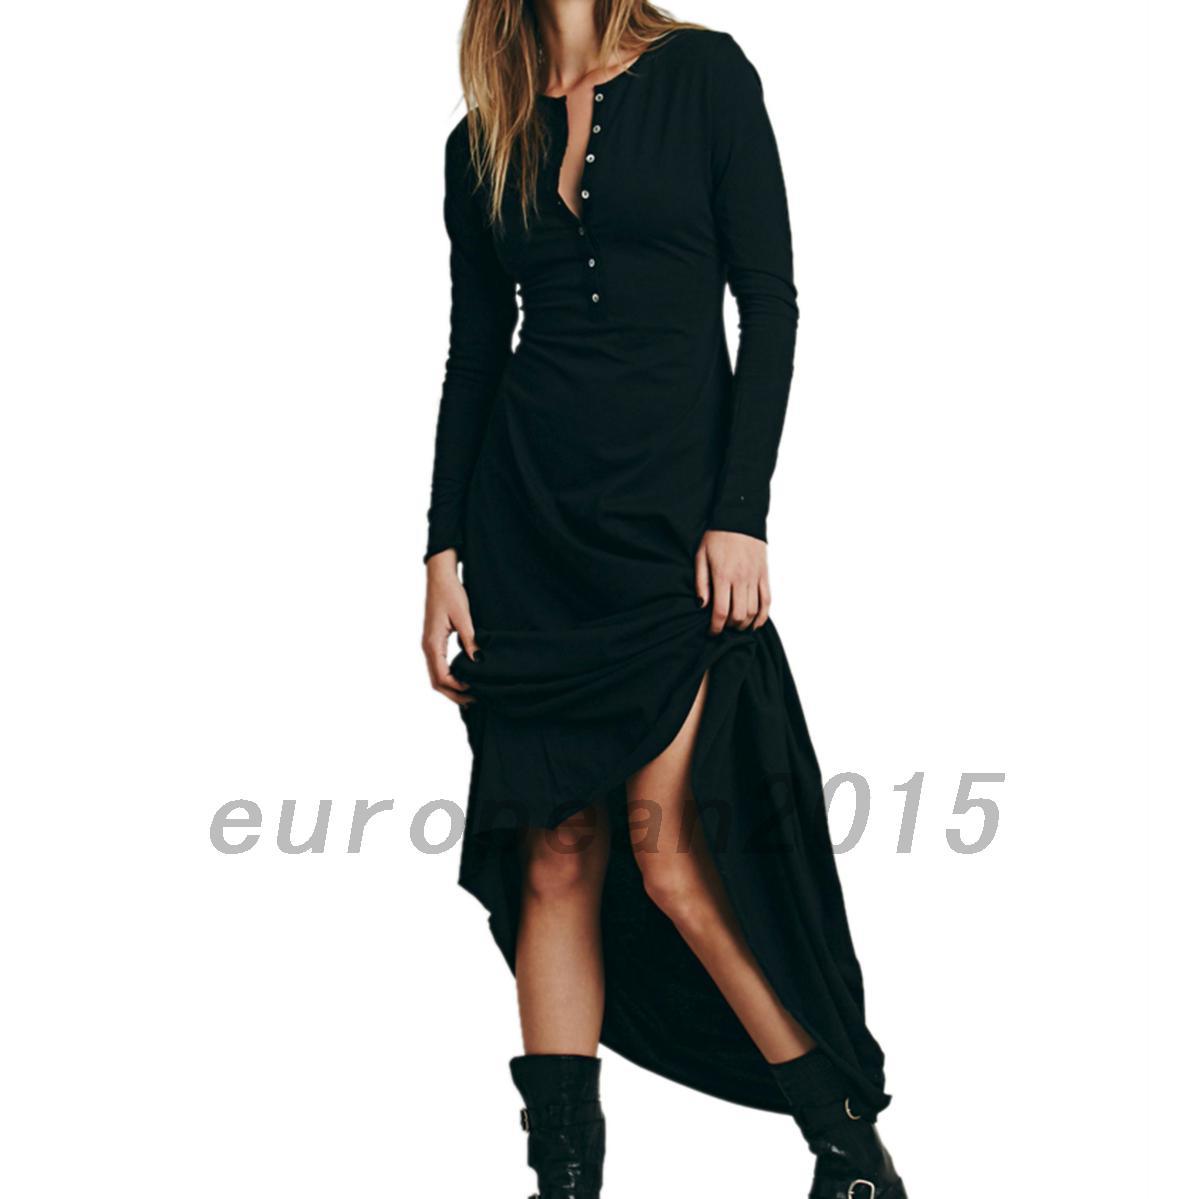 Baumwolle-Frauen-lange-Kleider-V-Ausschnitt-Partykleid-Huelsenkleid-lang-Arm